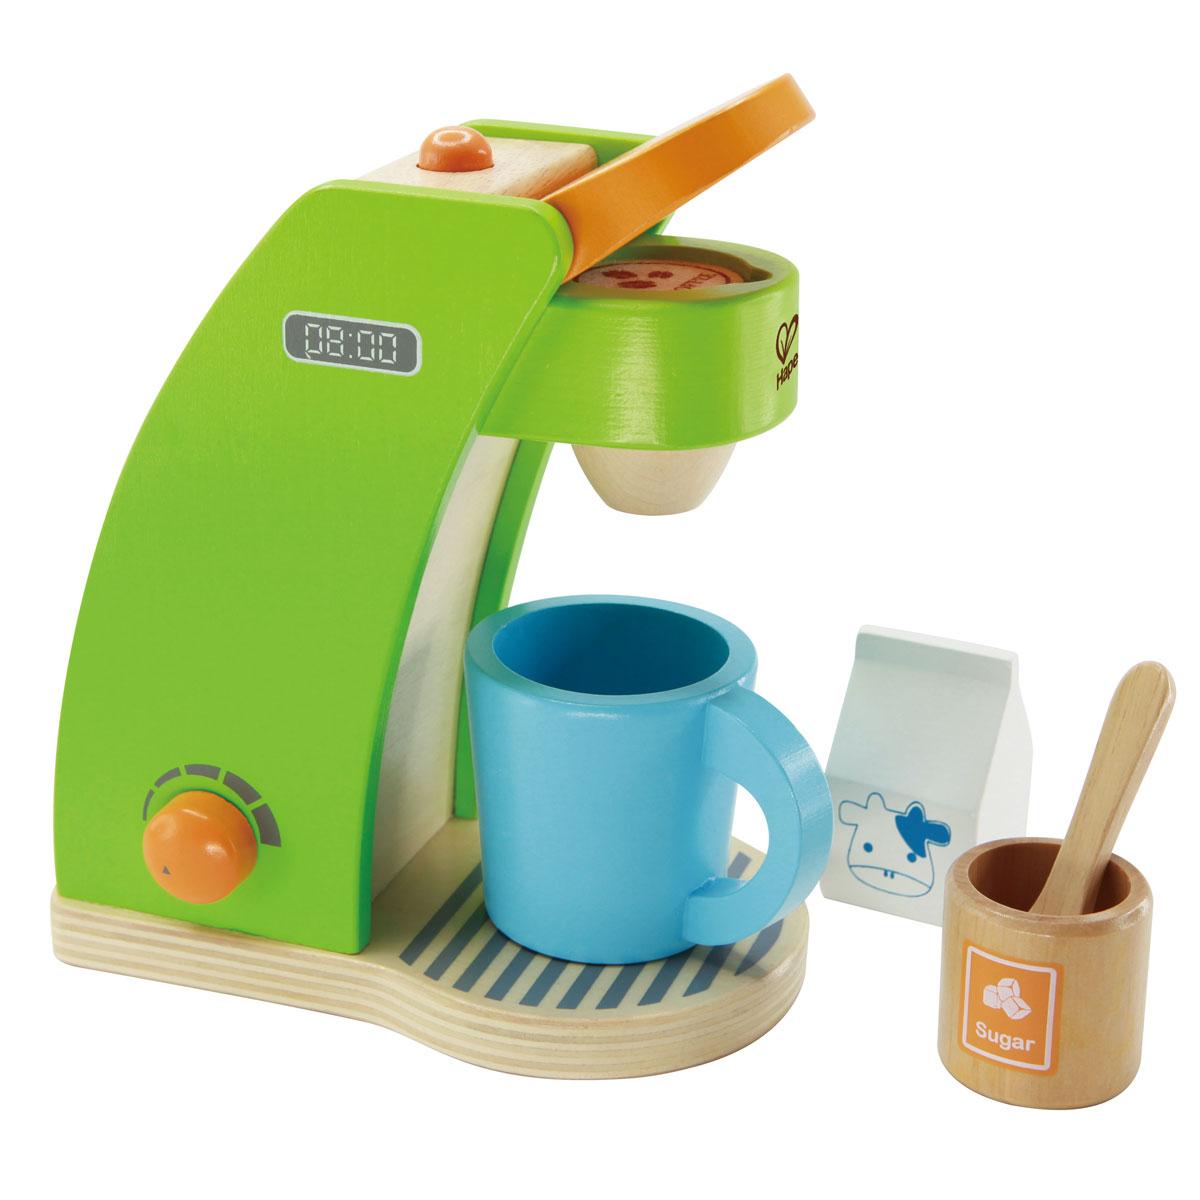 Kinderküche zubehör holz  Glow2B Kinderküche aus Holz, weiss inklusive Zubehör